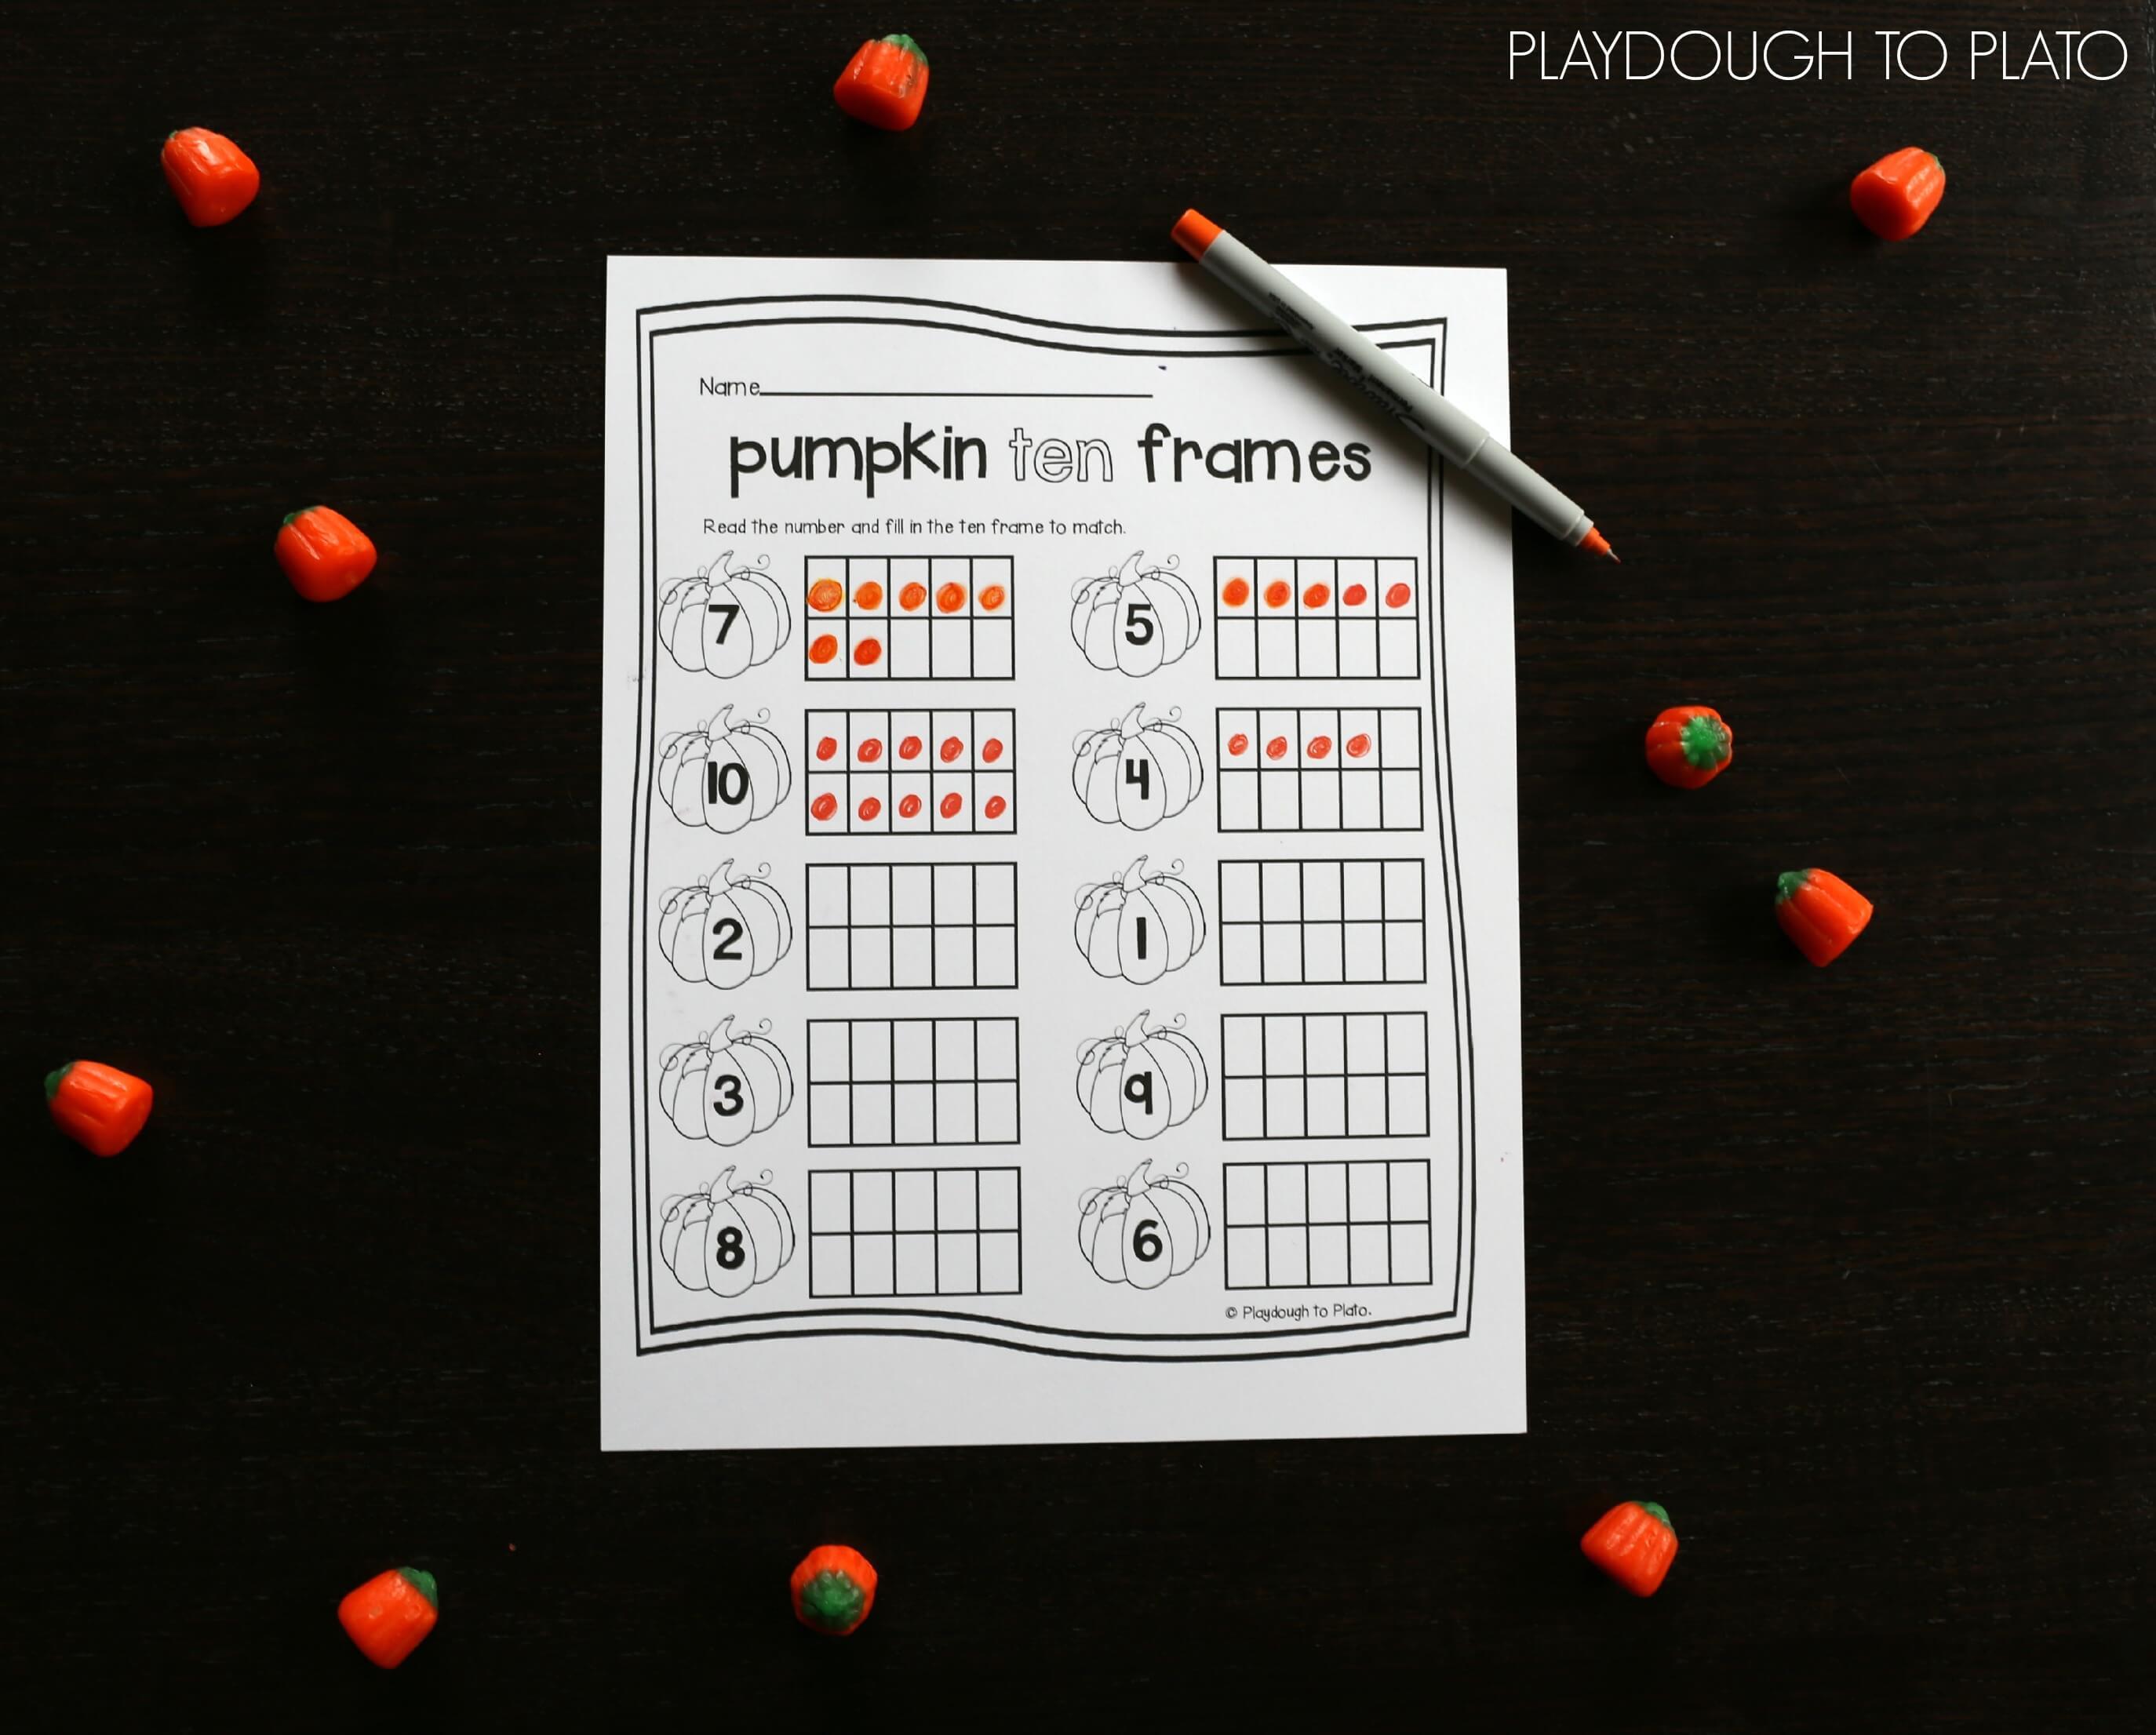 Pumpkin Ten Frames - Playdough To Plato